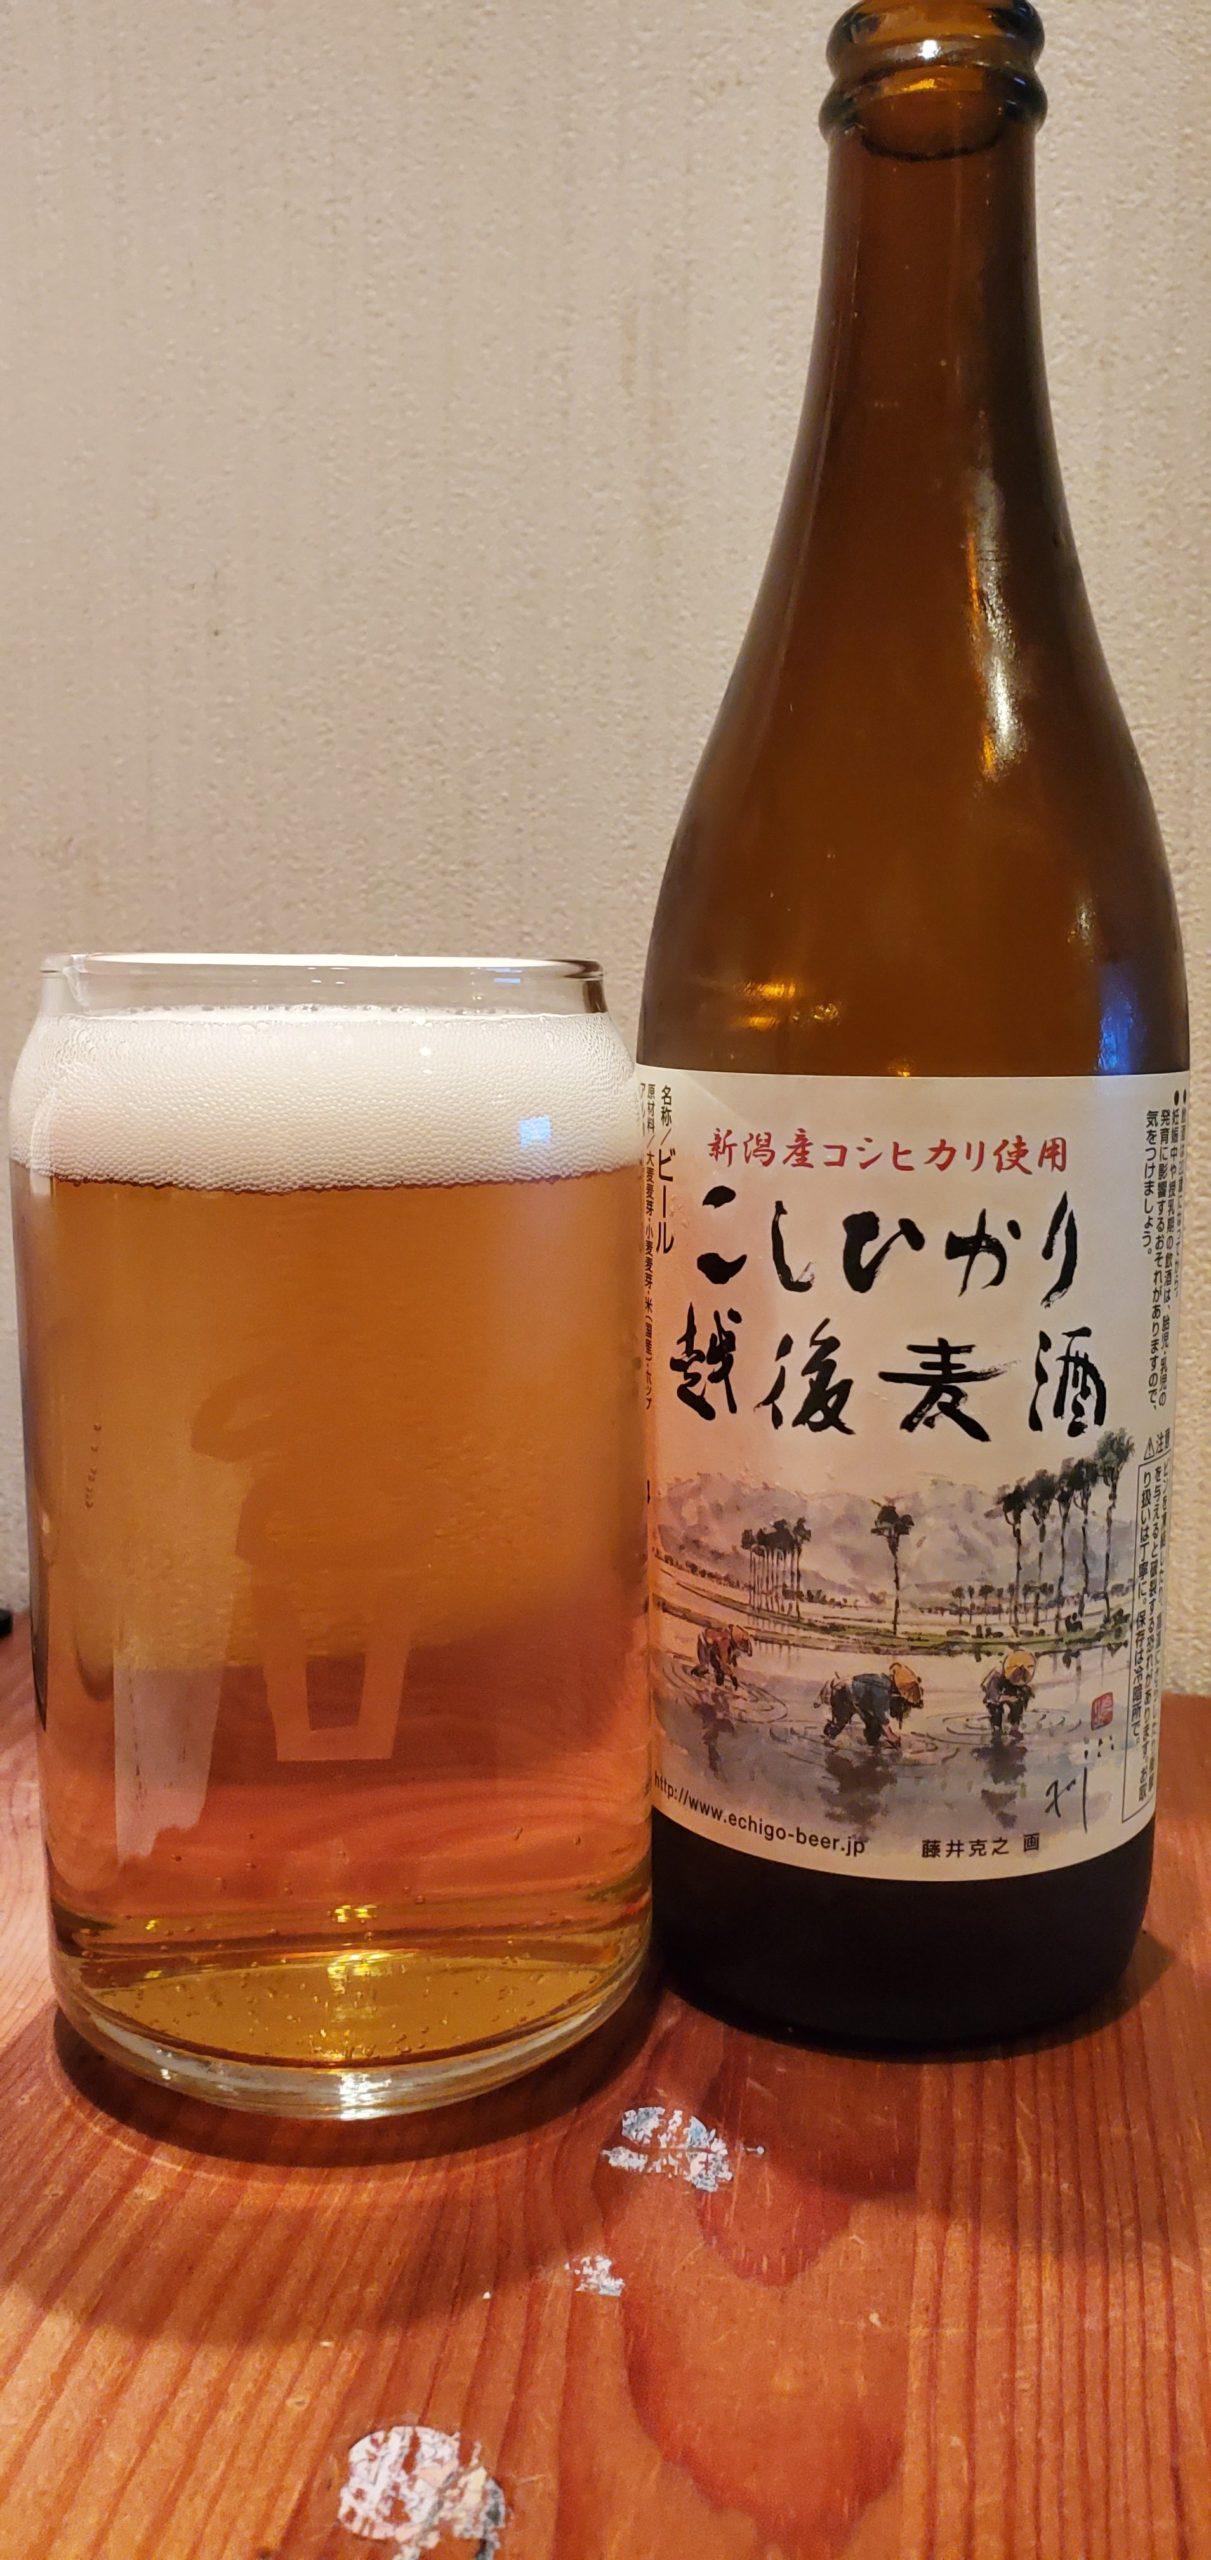 Echigo Koshihikari Lager・エチゴこしひかり越後ビール